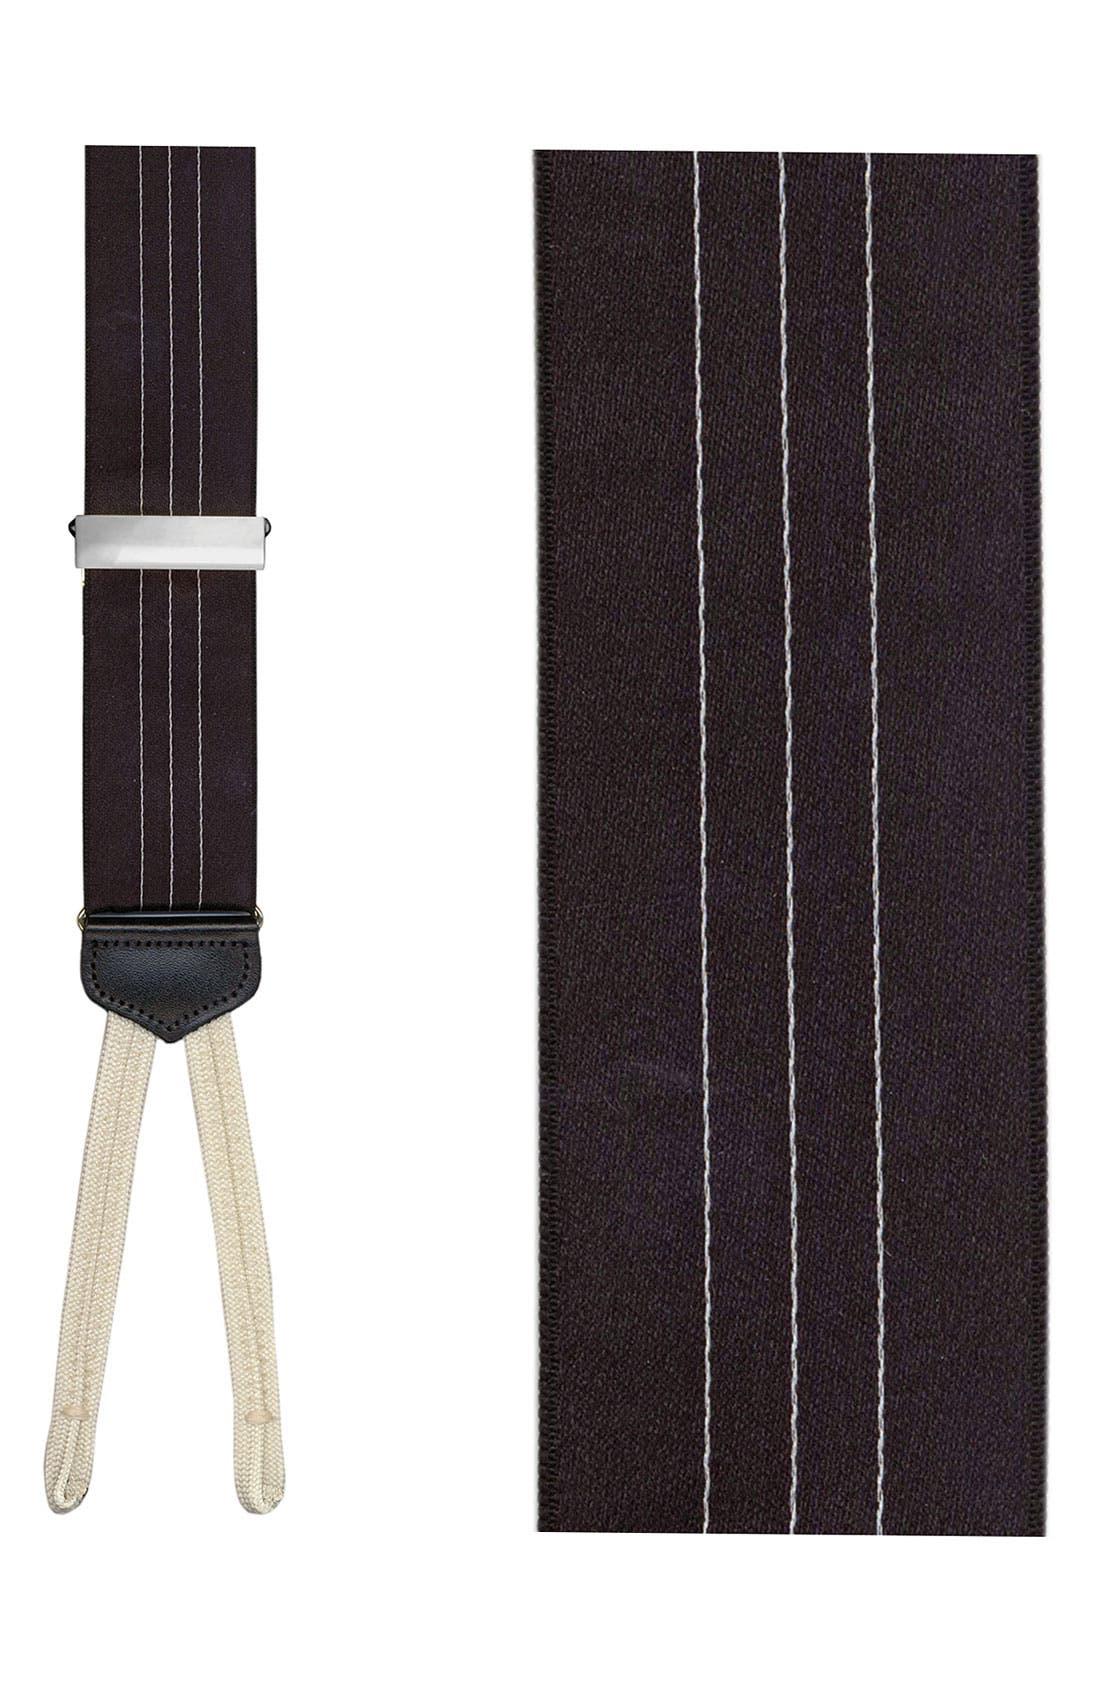 Alternate Image 1 Selected - Trafalgar 'Formal Ascot' Satin Suspenders